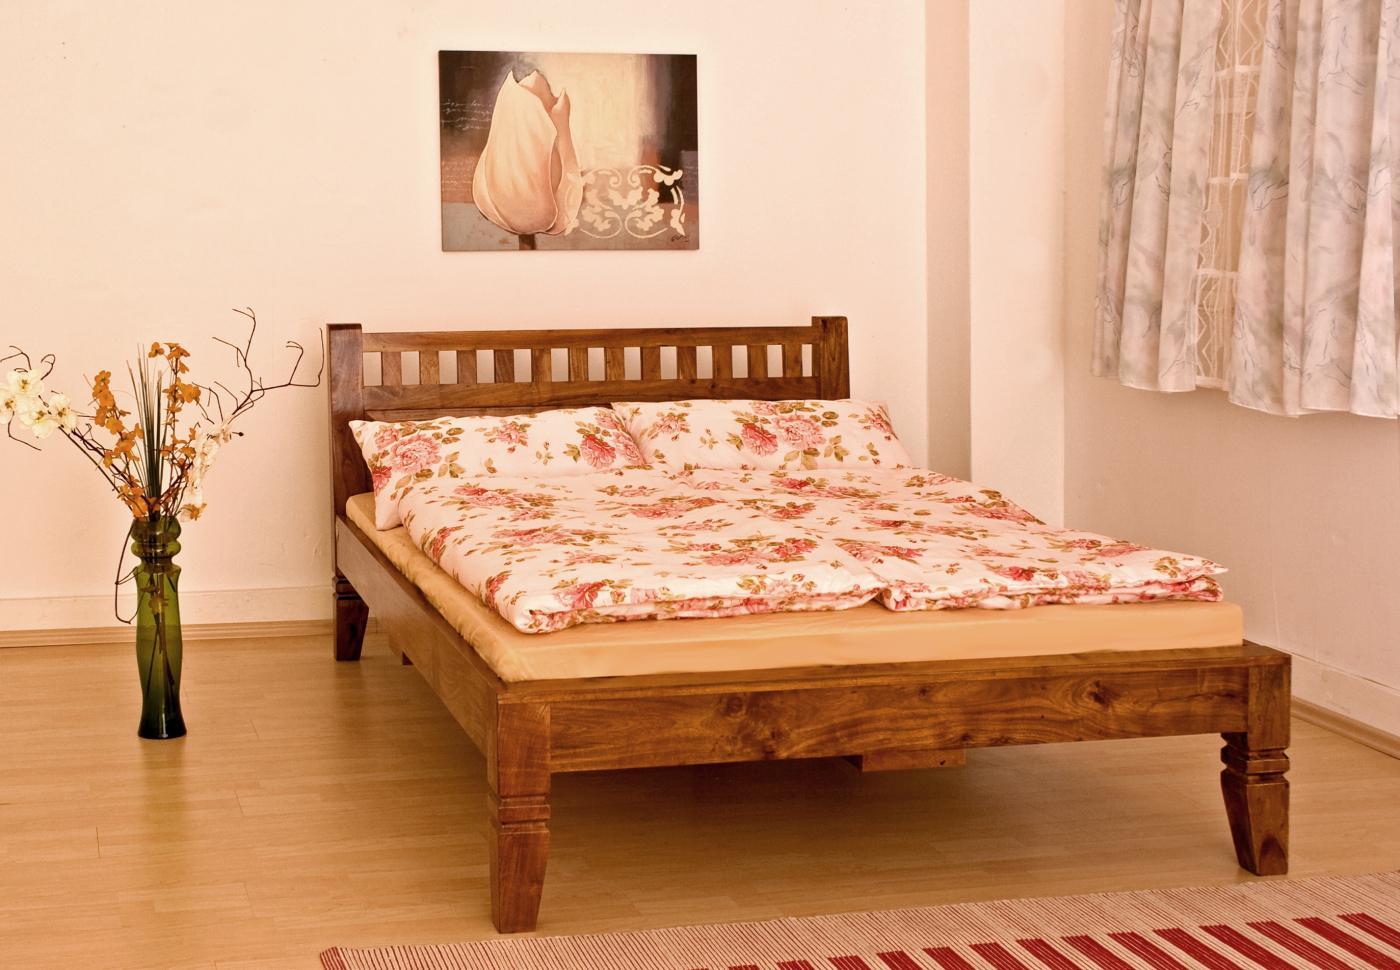 Full Size of 51c2da8077828 Betten Kaufen 140x200 Massivholz Outlet Esstisch Ausziehbar Aus Holz Runde Bock Mädchen Günstige Treca Mannheim Billerbeck Ikea 160x200 200x220 Bett Betten Massivholz